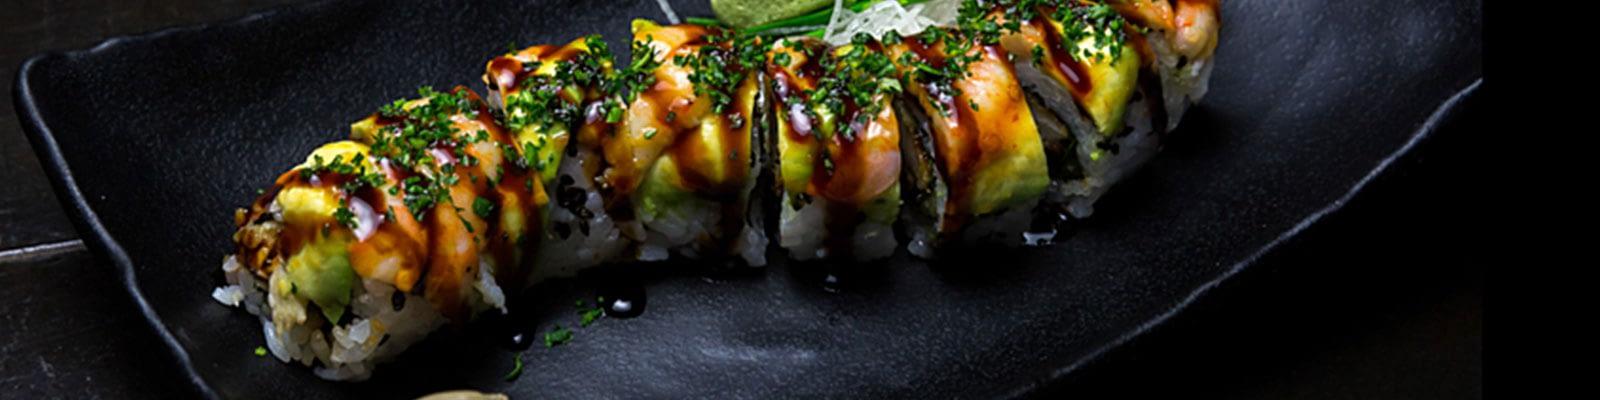 osaka-sushi-restaurant-bonaire-slider-image-2